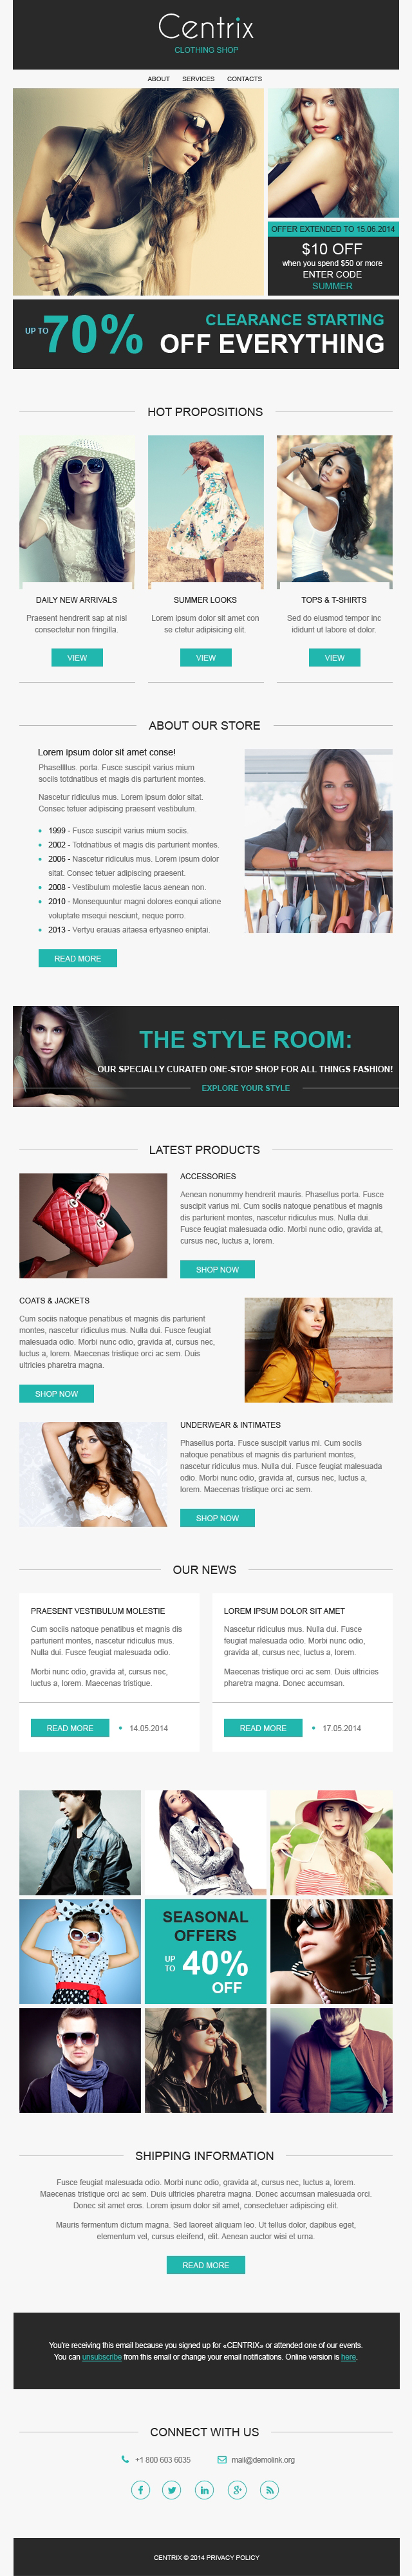 Modèle Bulletin adaptatif pour boutique de mode #50929 - screenshot